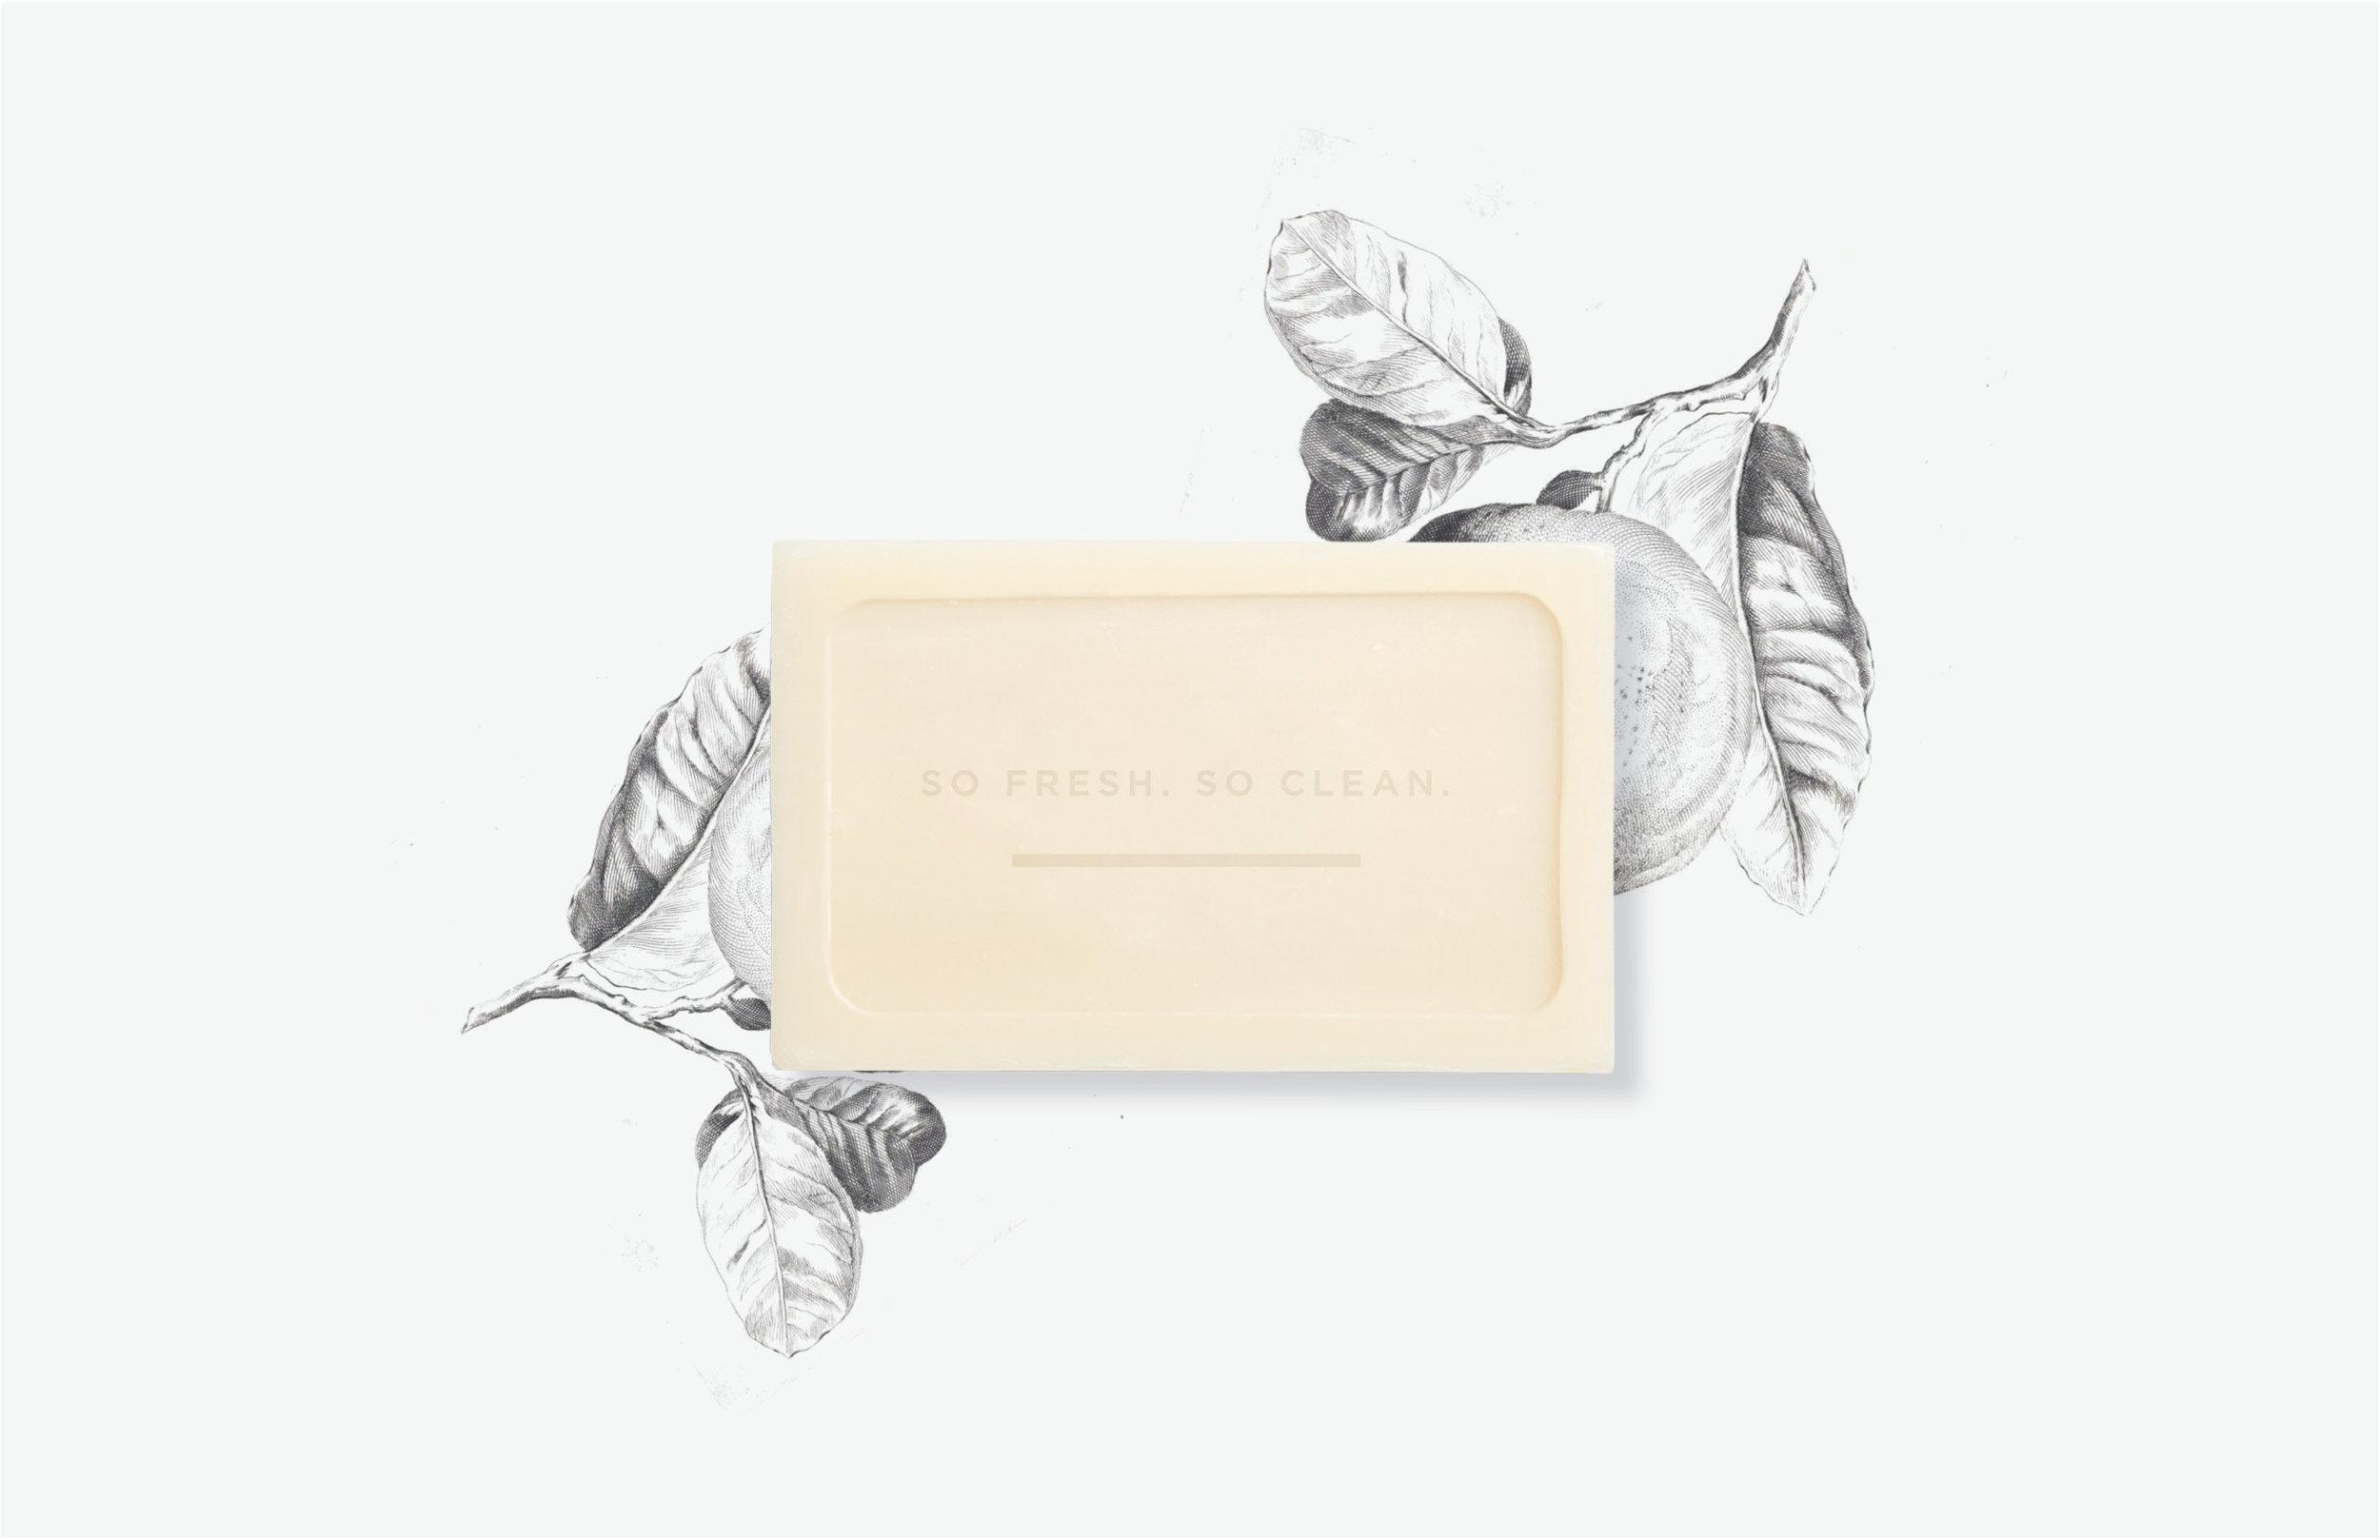 Soap graphic design